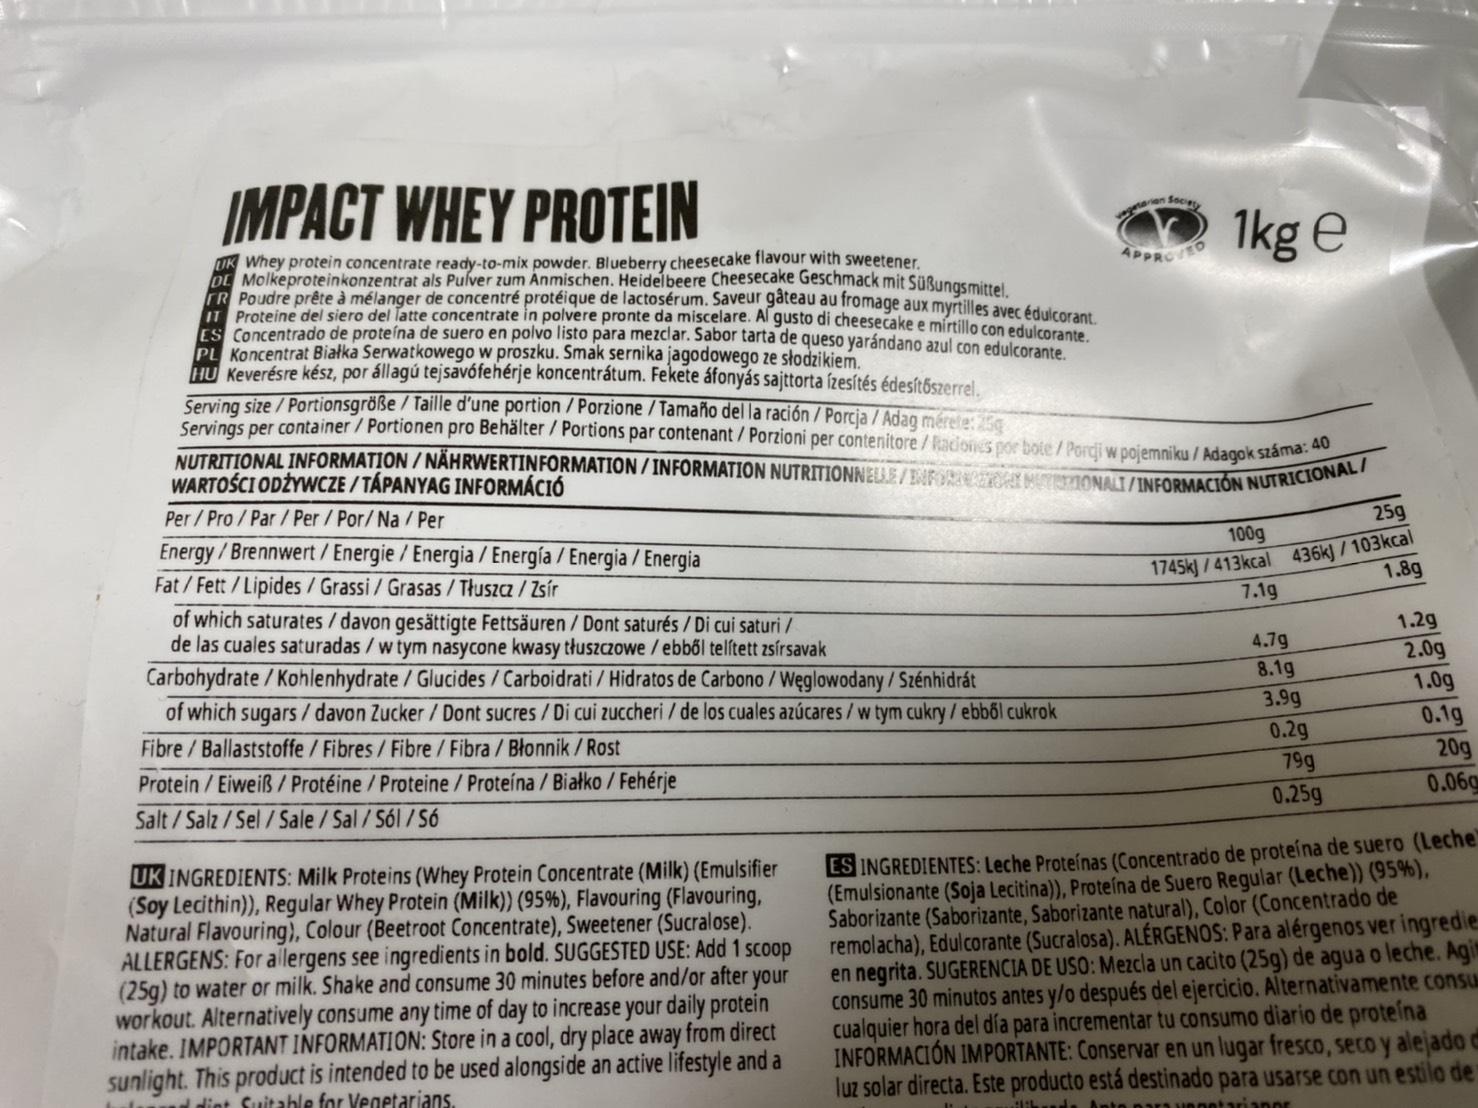 Impactホエイプロテイン:ブルーベリーチーズケーキ味の成分表